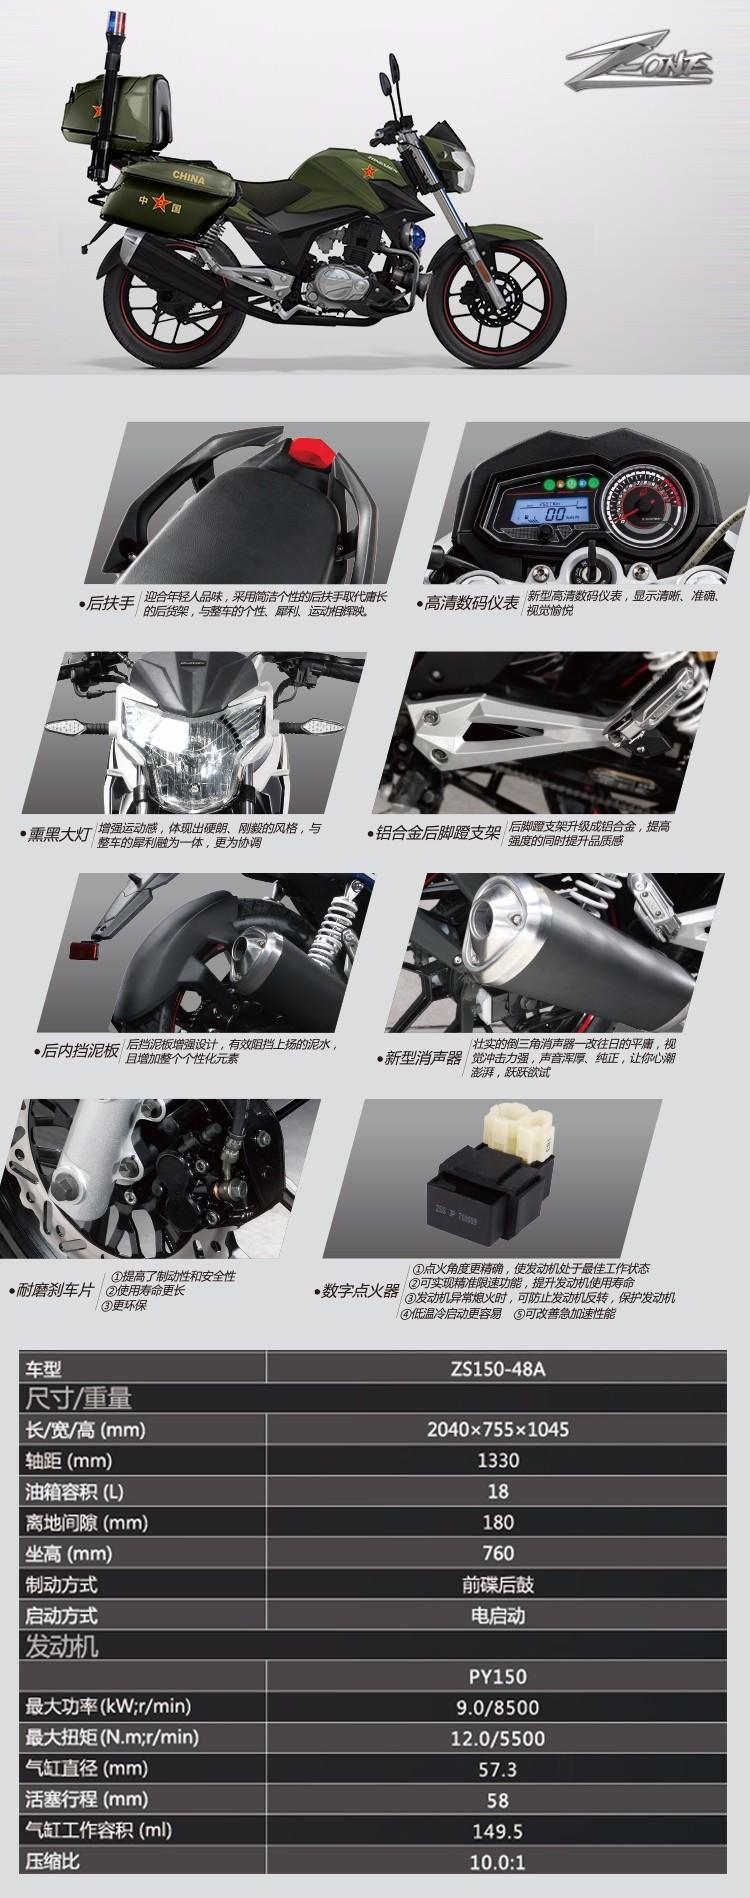 Z-one 军车 卖点 拷贝.jpg